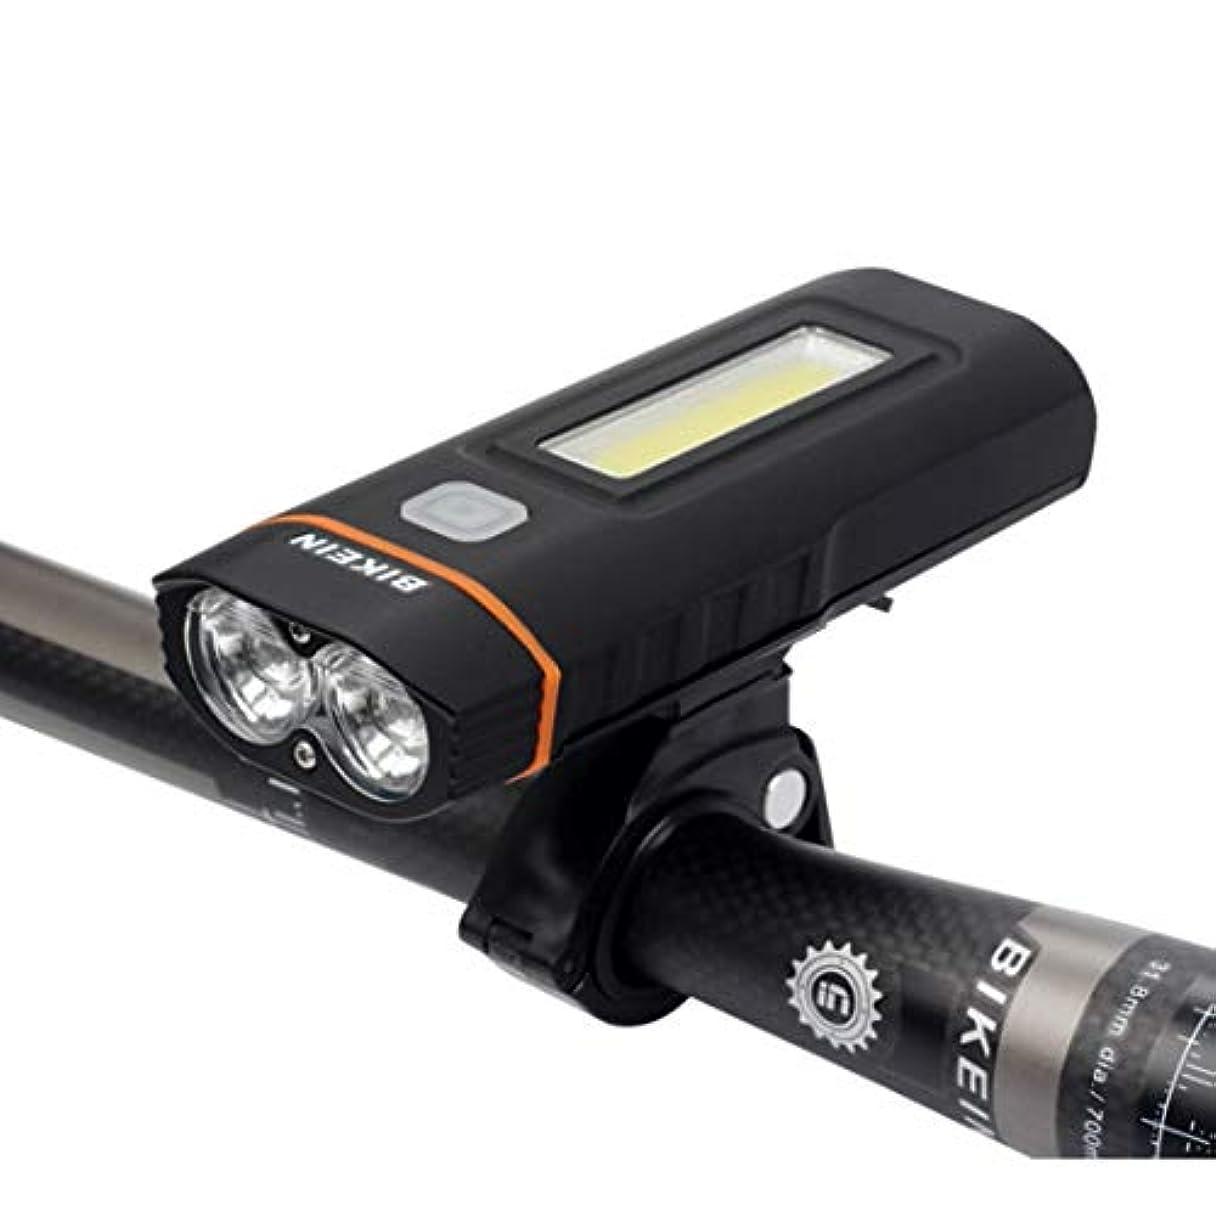 窓を洗う人工的な違反するJhcpca マウンテンバイクアクセサリーロードバイクライトUSB充電ヘッドライトサイクリング用品夜間走行警告灯